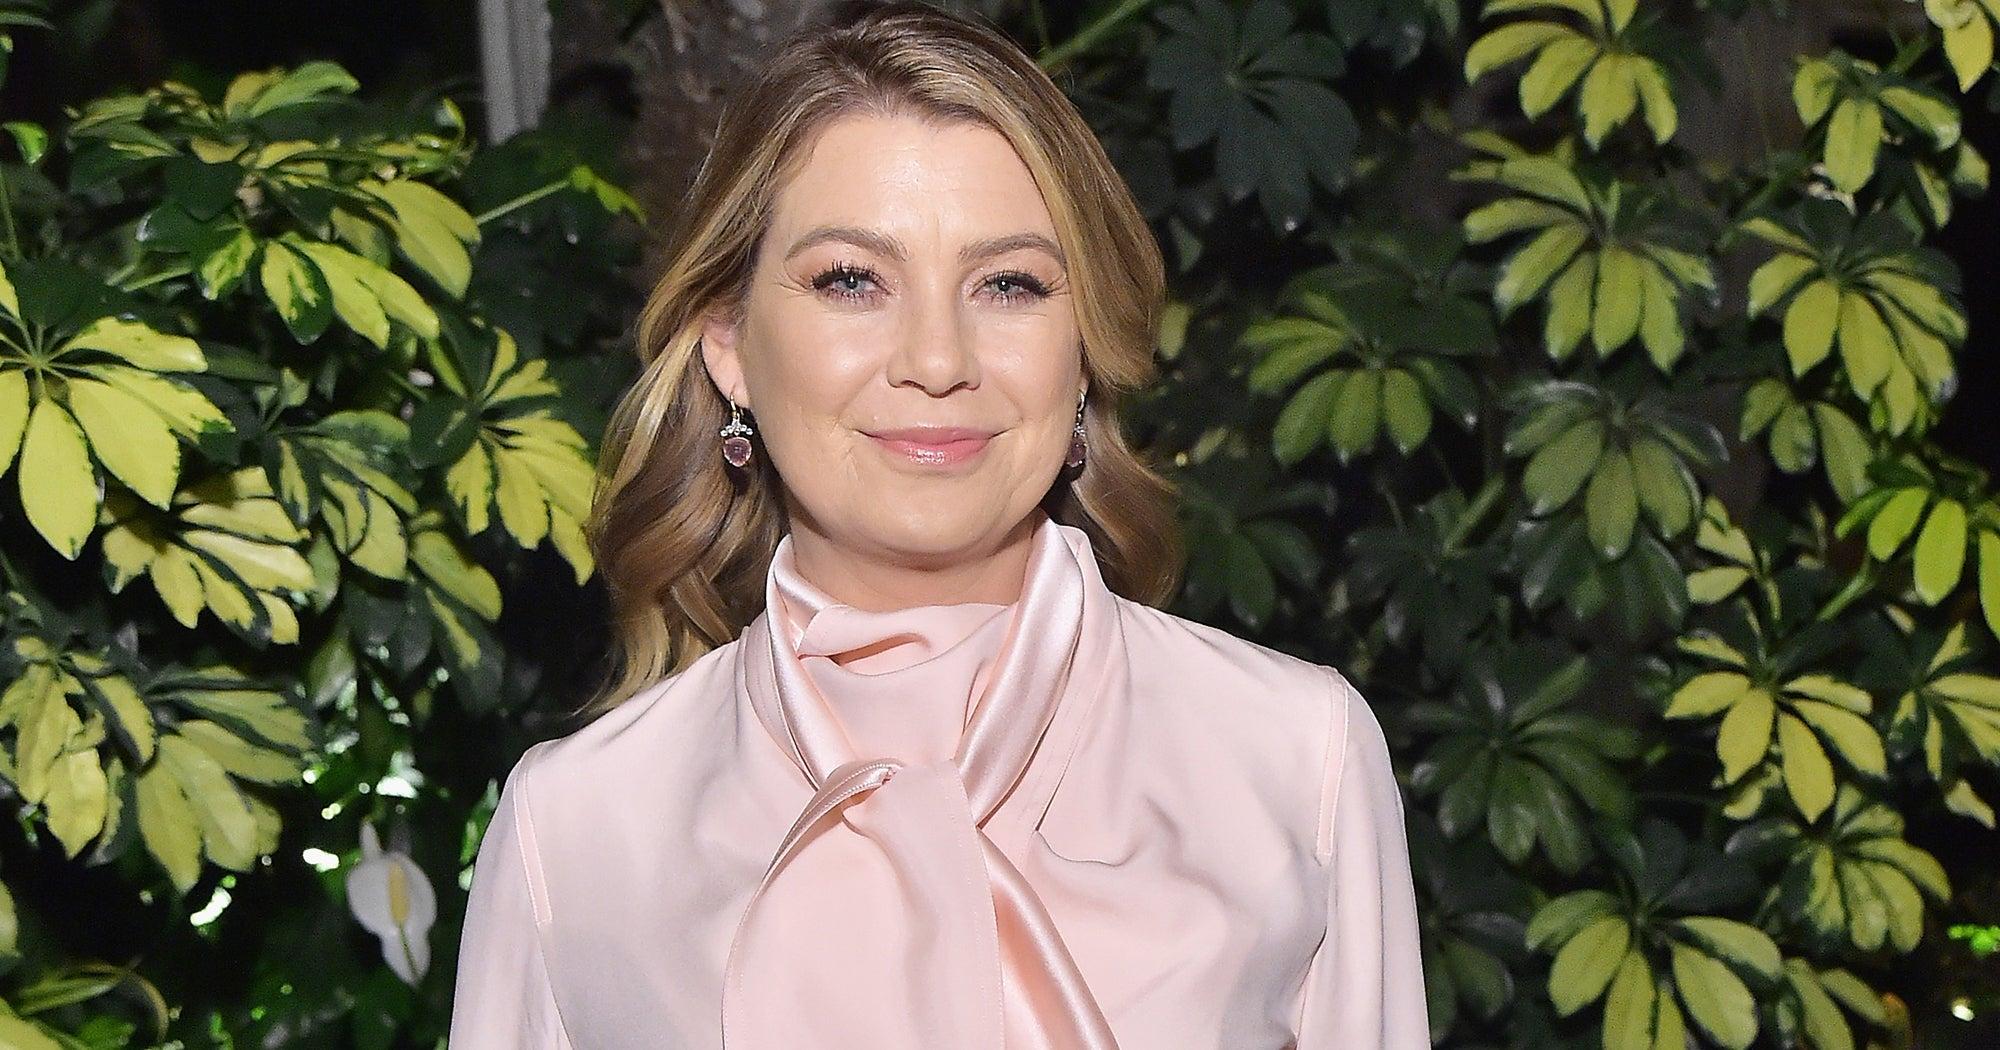 Ellen Pompeo's Idea For The Grey's Anatomy Finale Is Every Fan's Dream